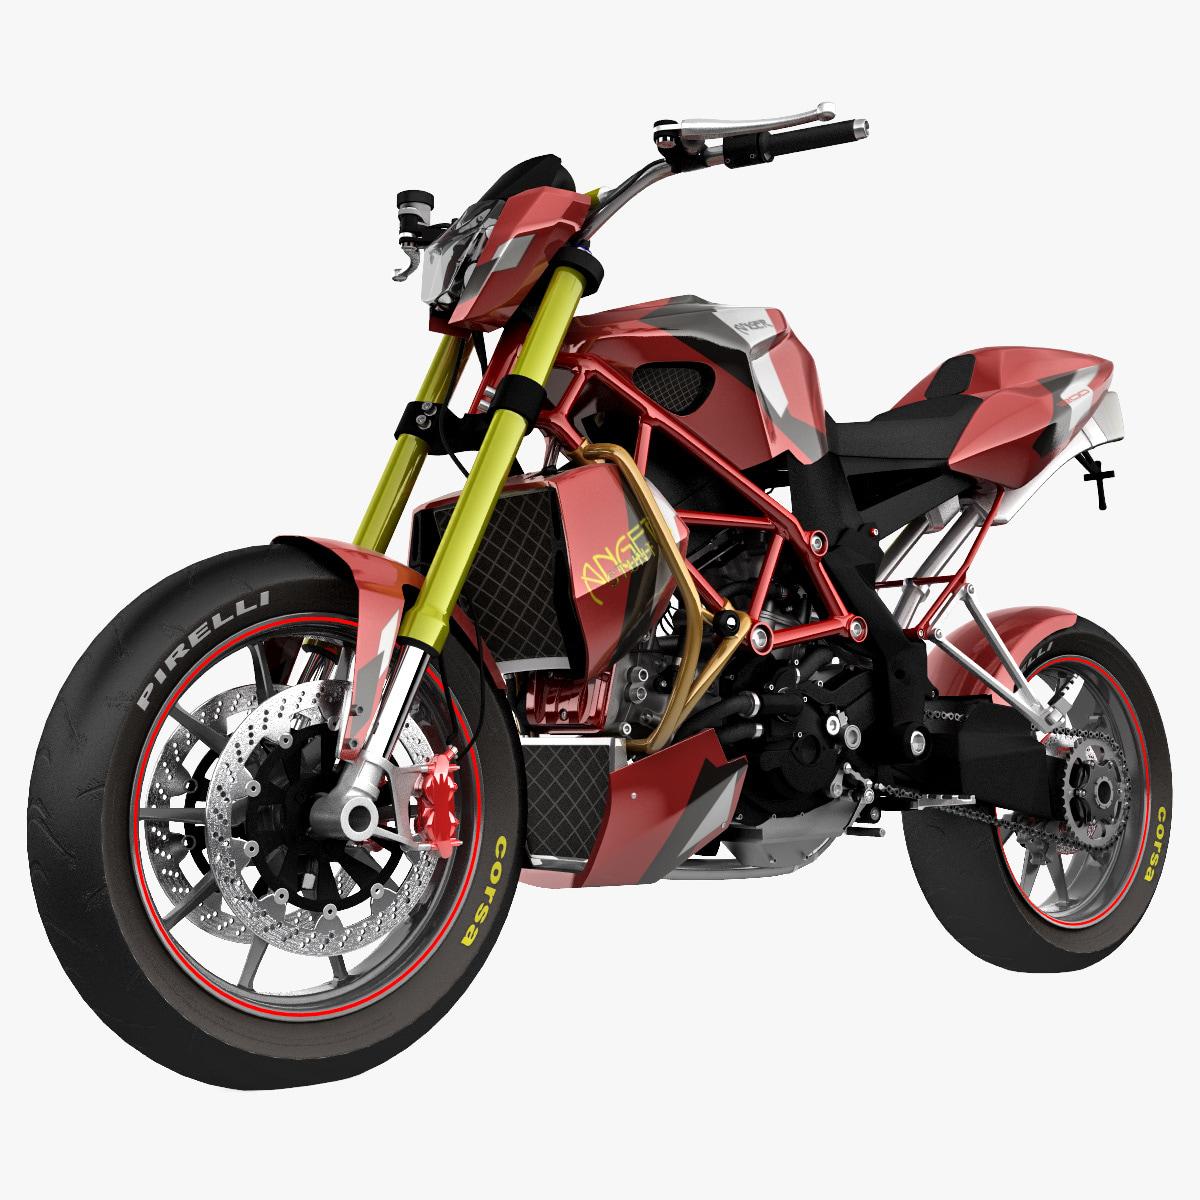 Superbike_Ducati_Anger_000.jpg